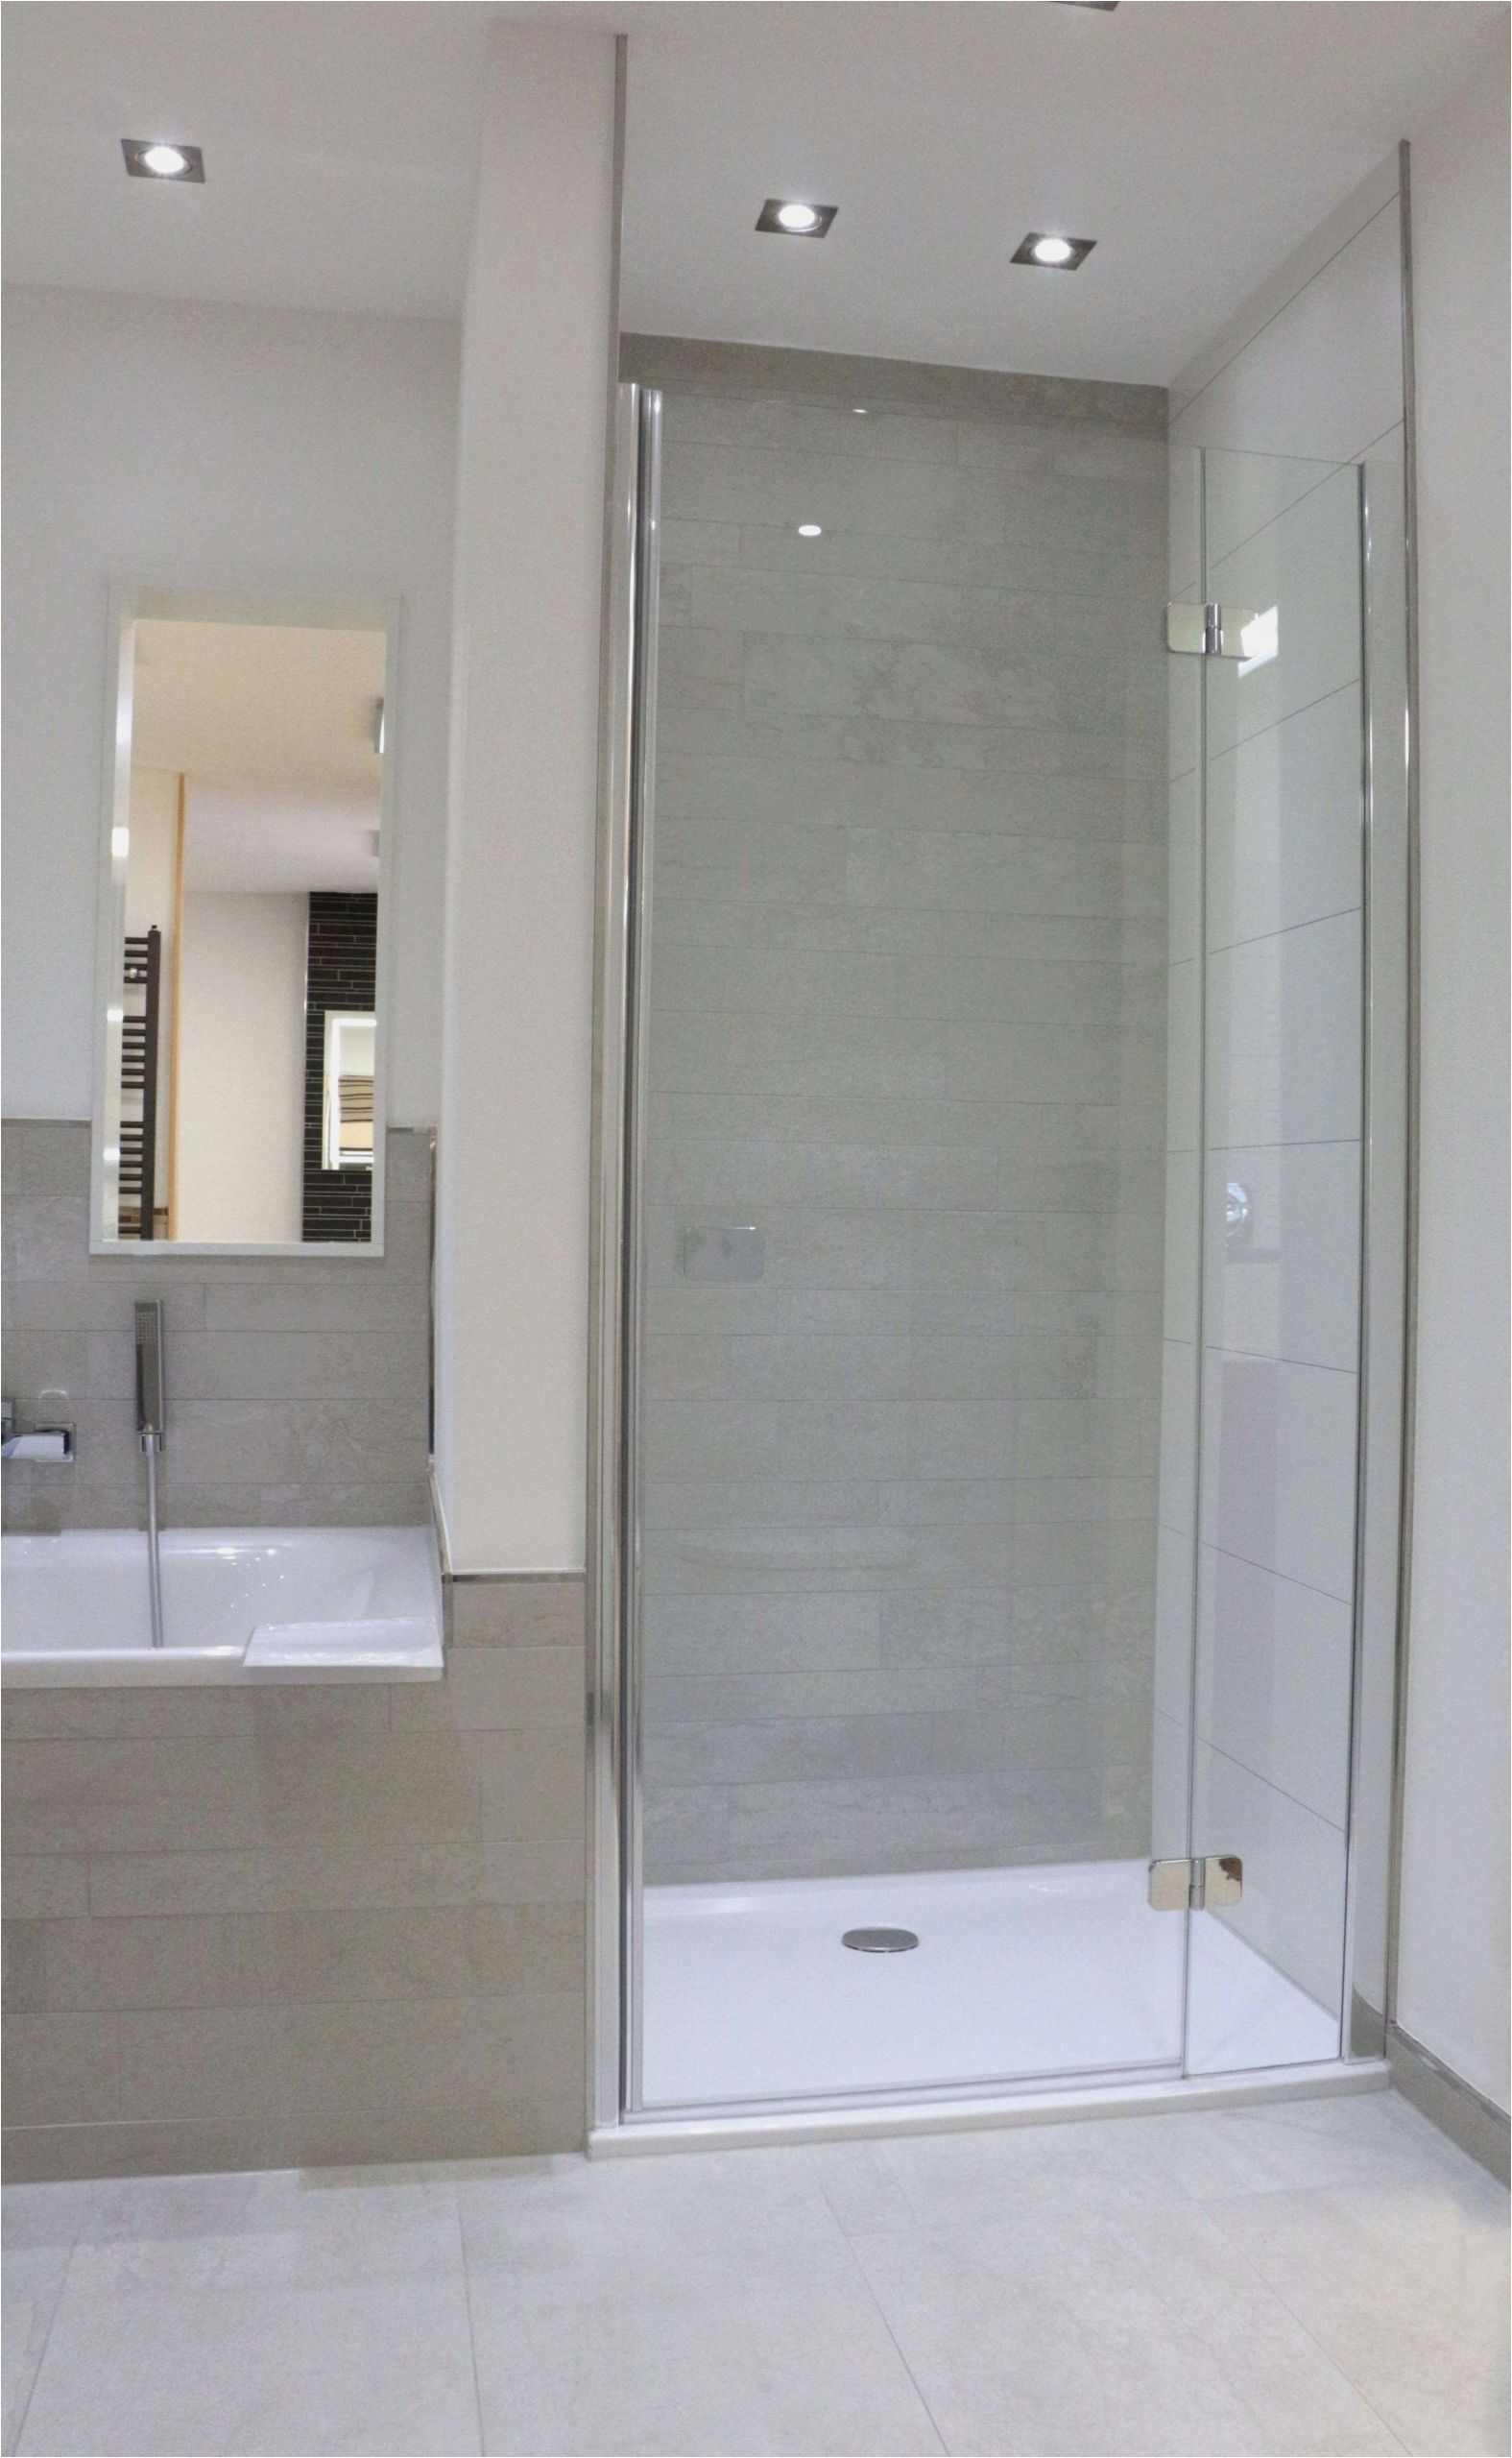 klebefolie badezimmer schon fliesenaufkleber bad vorher nachher temobardz home blog of klebefolie badezimmer scaled